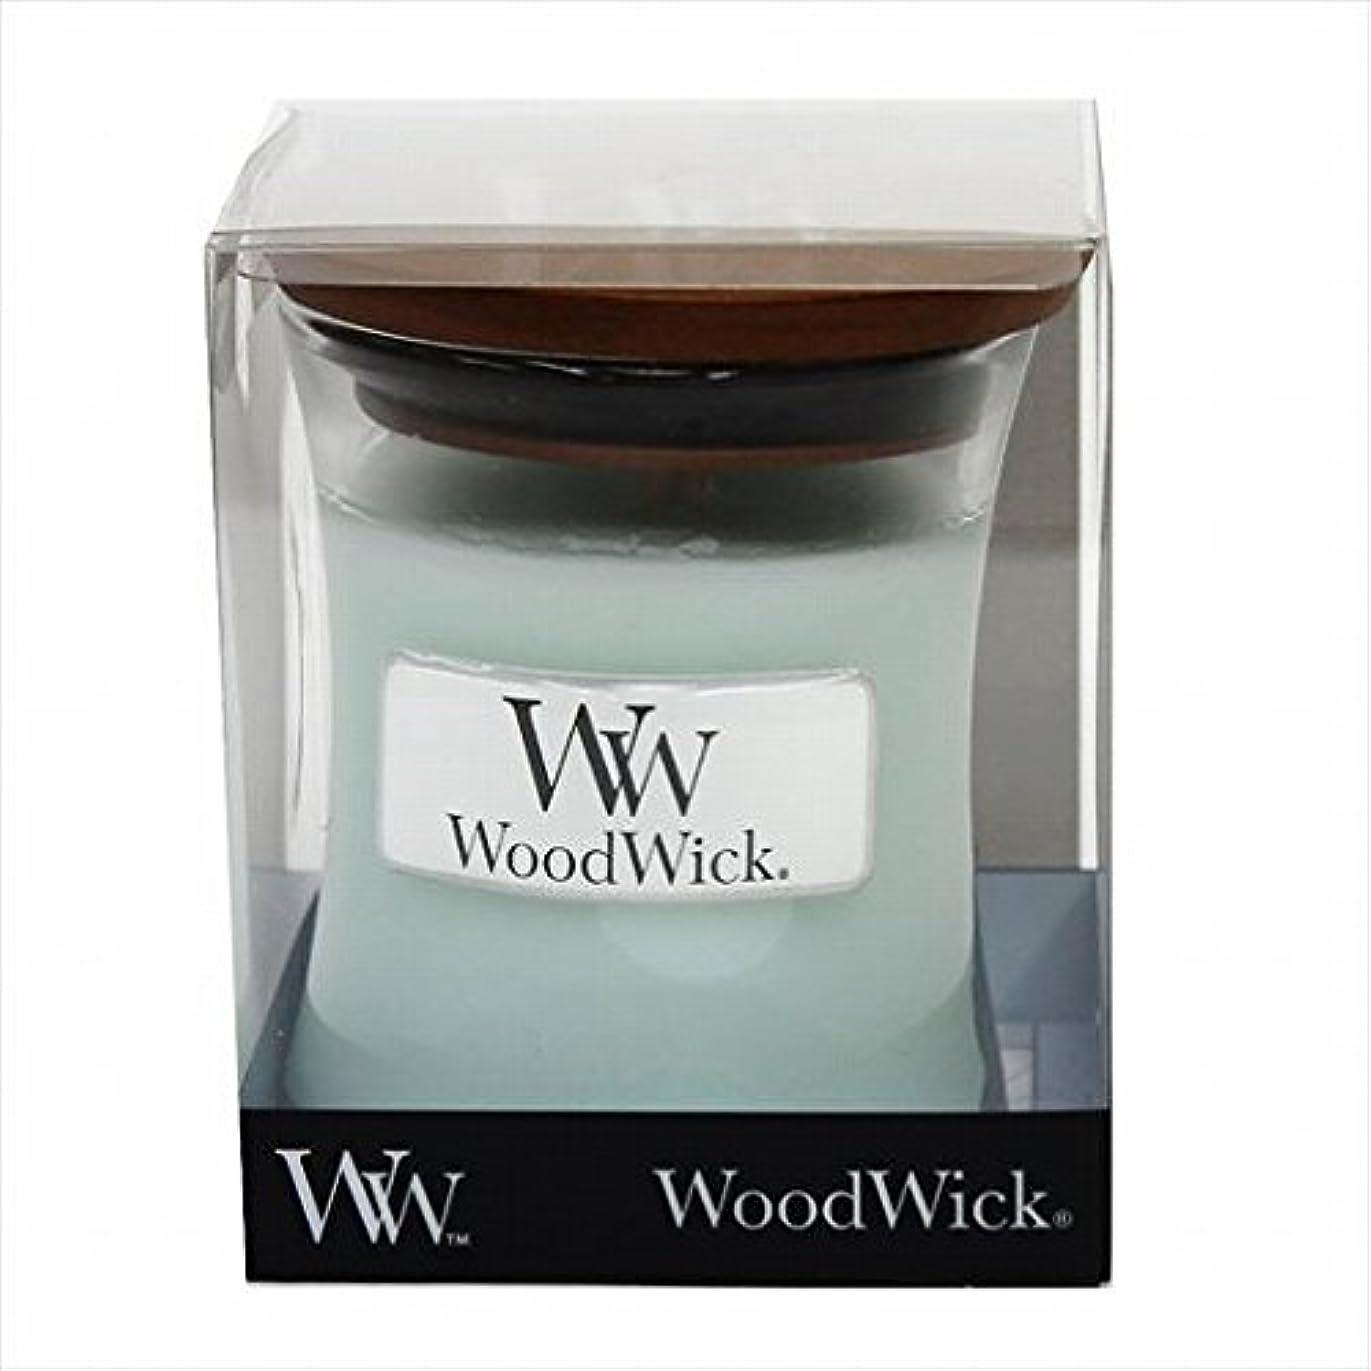 旅はい説明カメヤマキャンドル( kameyama candle ) Wood Wick ジャーS 「 ピュアコンフォート 」